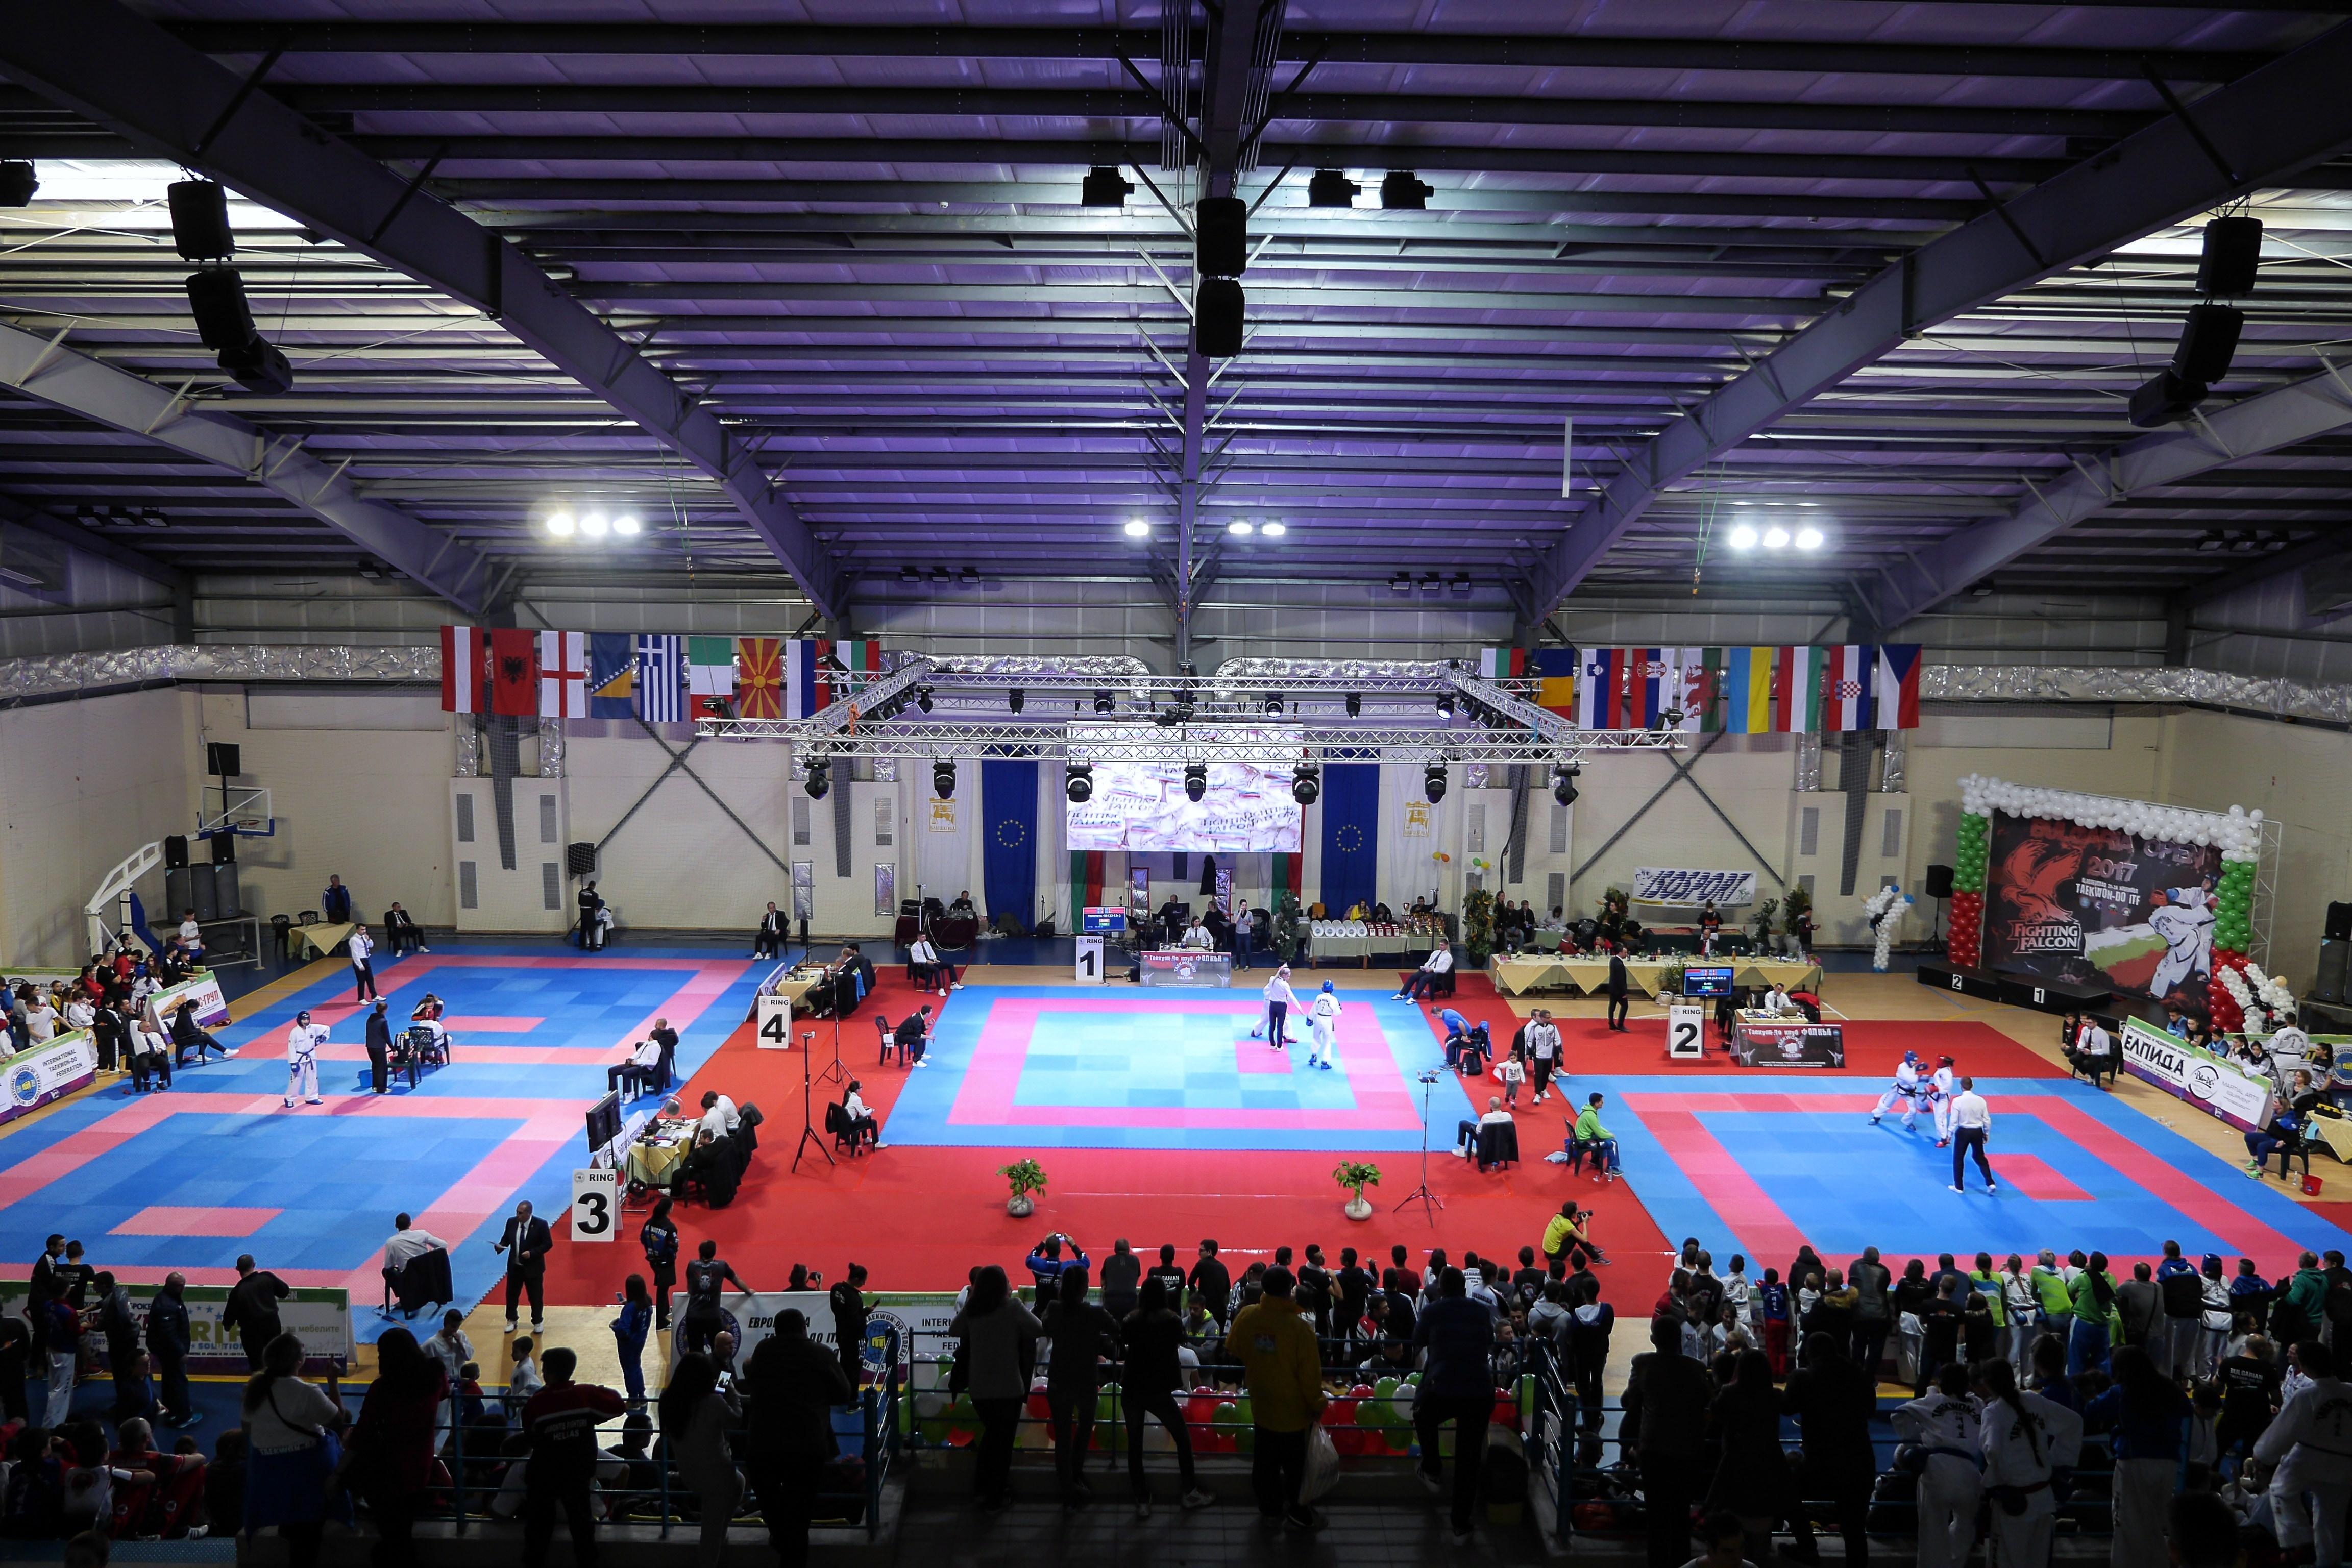 Българските състезатели завоюваха отборната купа за шампион на Европейския турнир